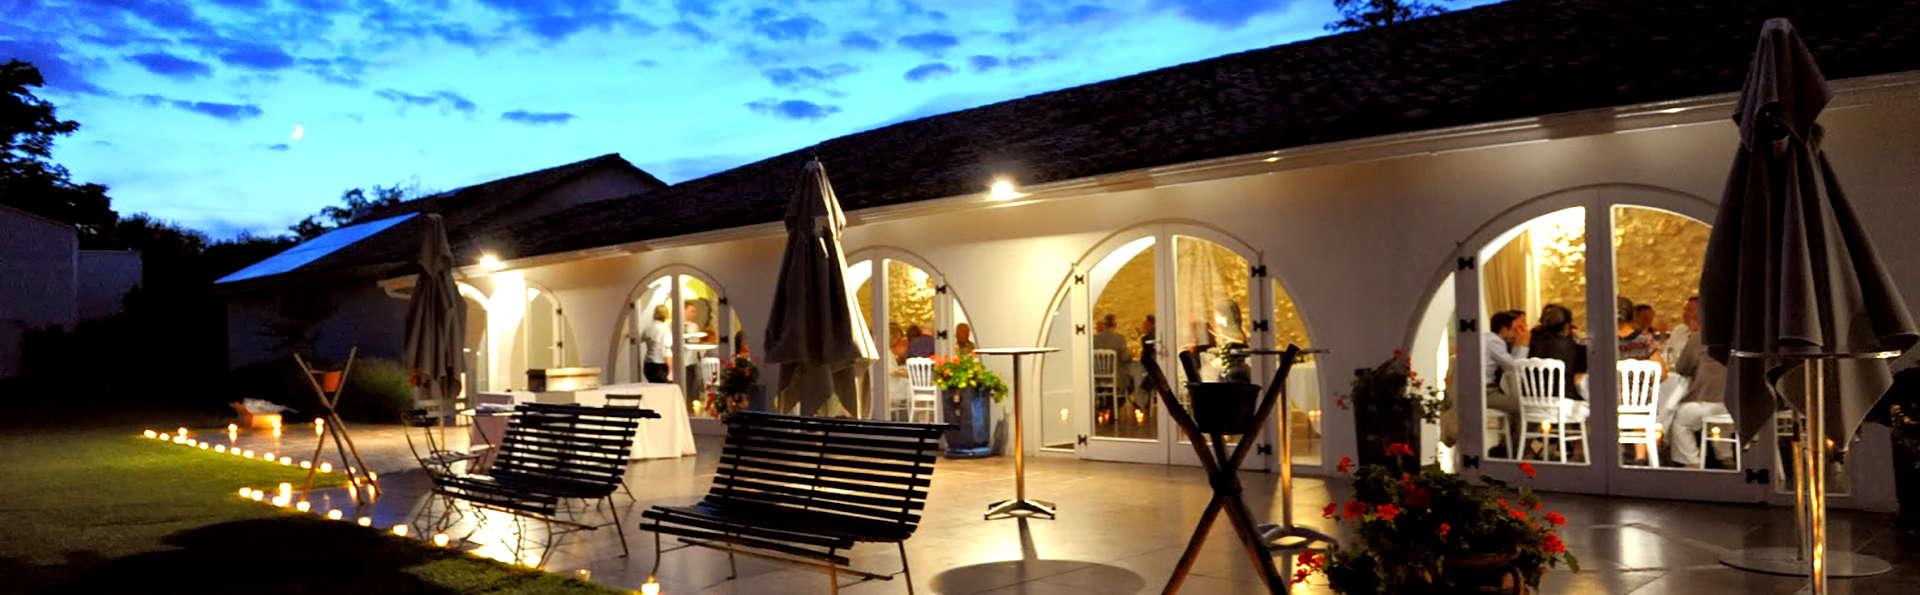 Week-end en chambre supérieure au coeur du vignoble du Pessac-Léognan, près de Bordeaux